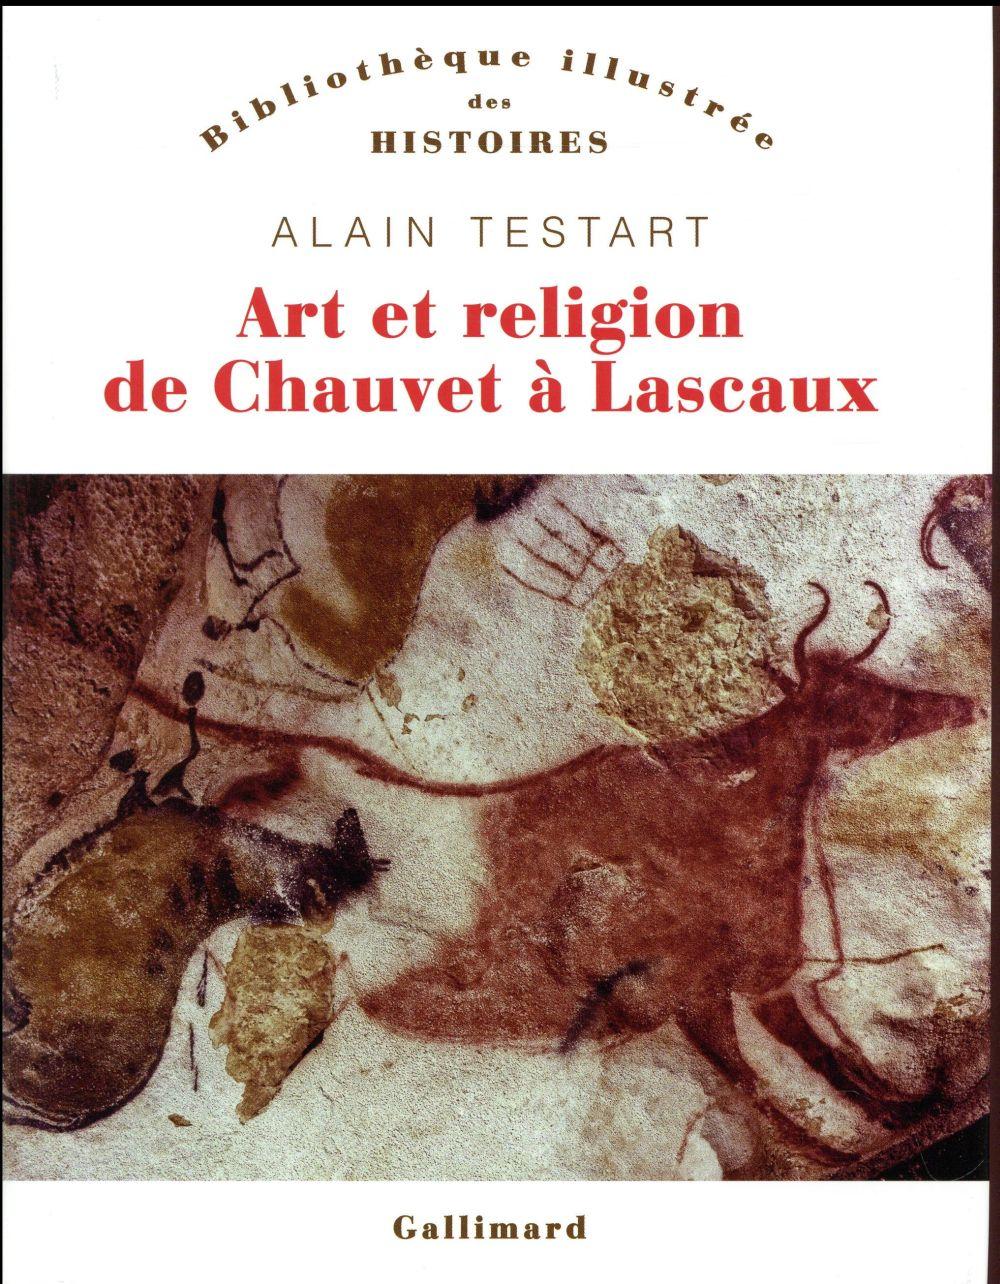 ART ET RELIGION DE CHAUVET A LASCAUX